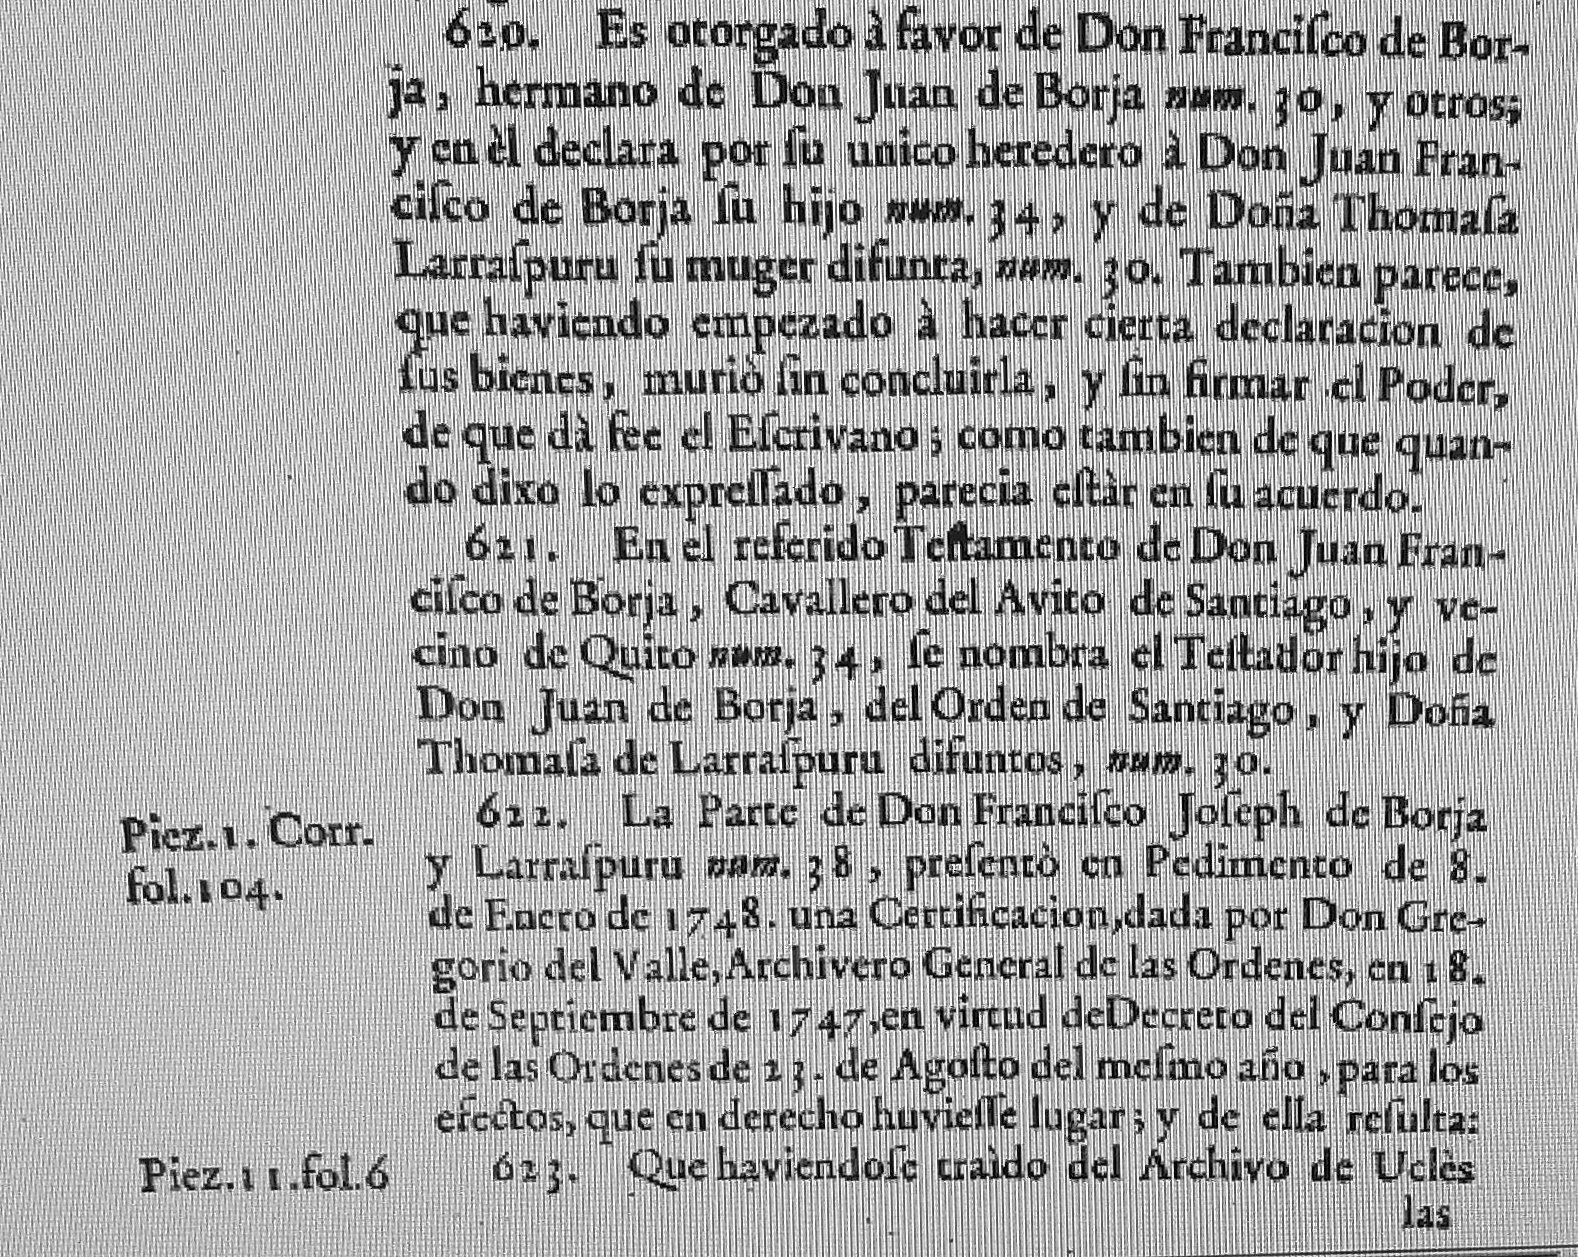 El Ultimo Duque Borja El Tercer Grado De La Rama De Don